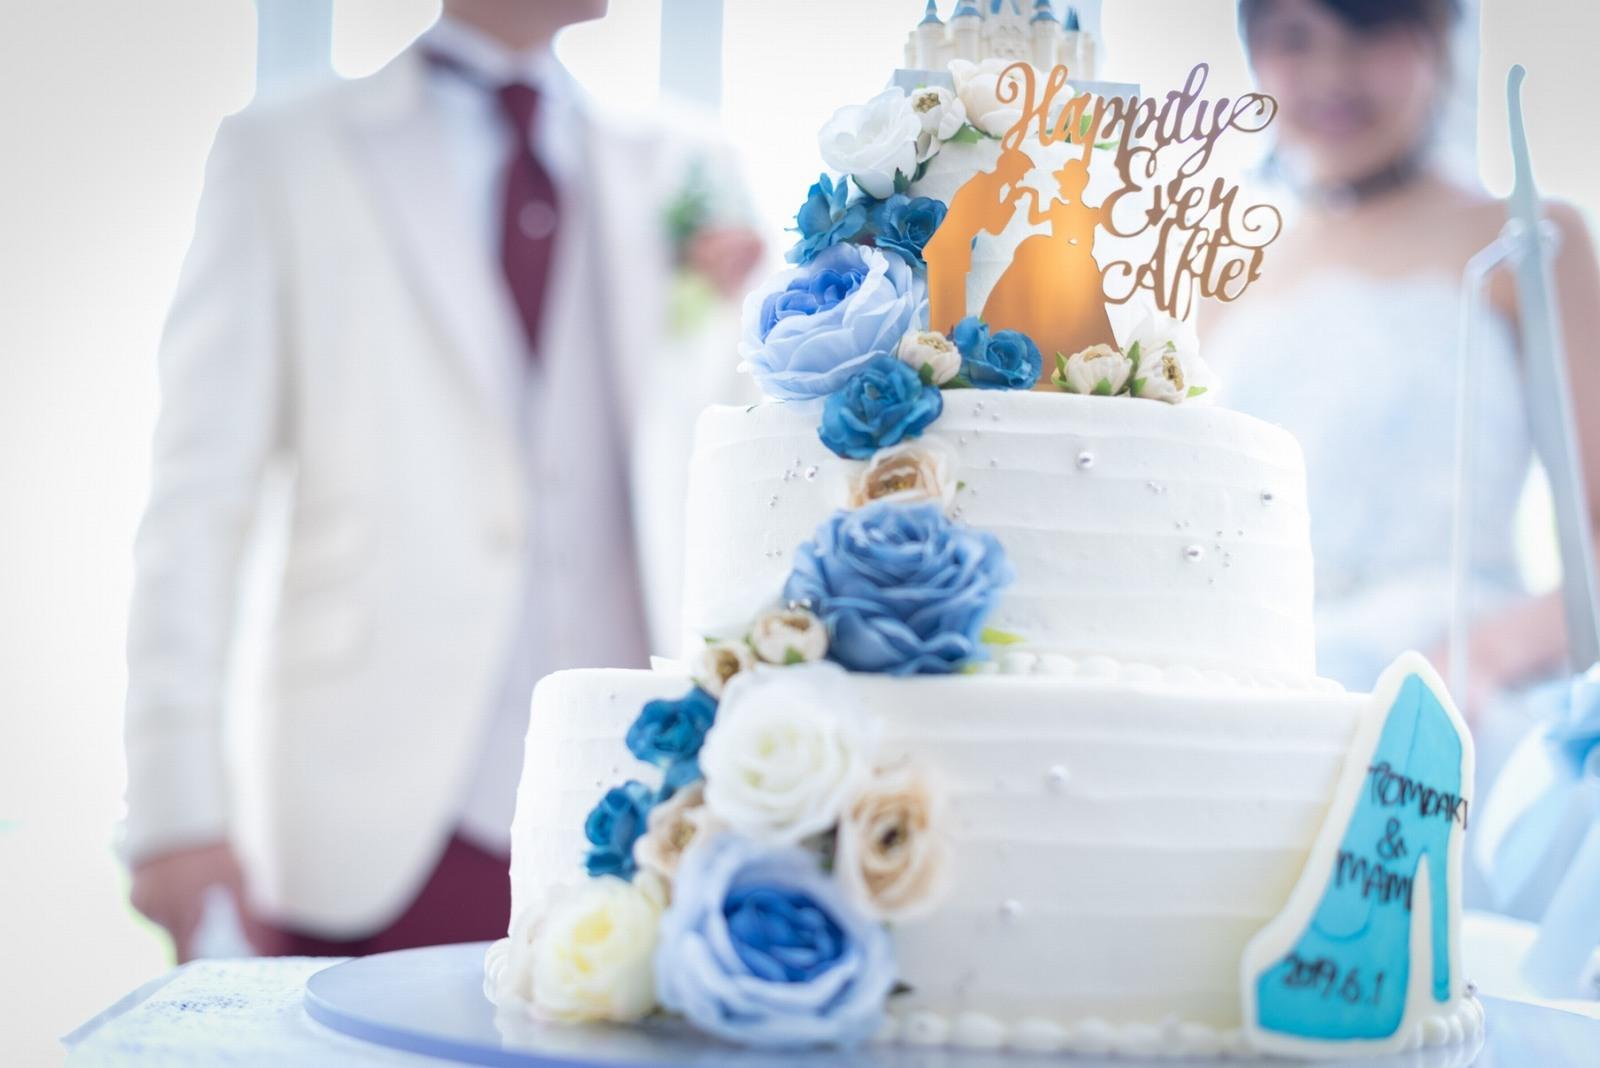 香川県の結婚式場シェルエメール&アイスタイル ウエディングケーキ